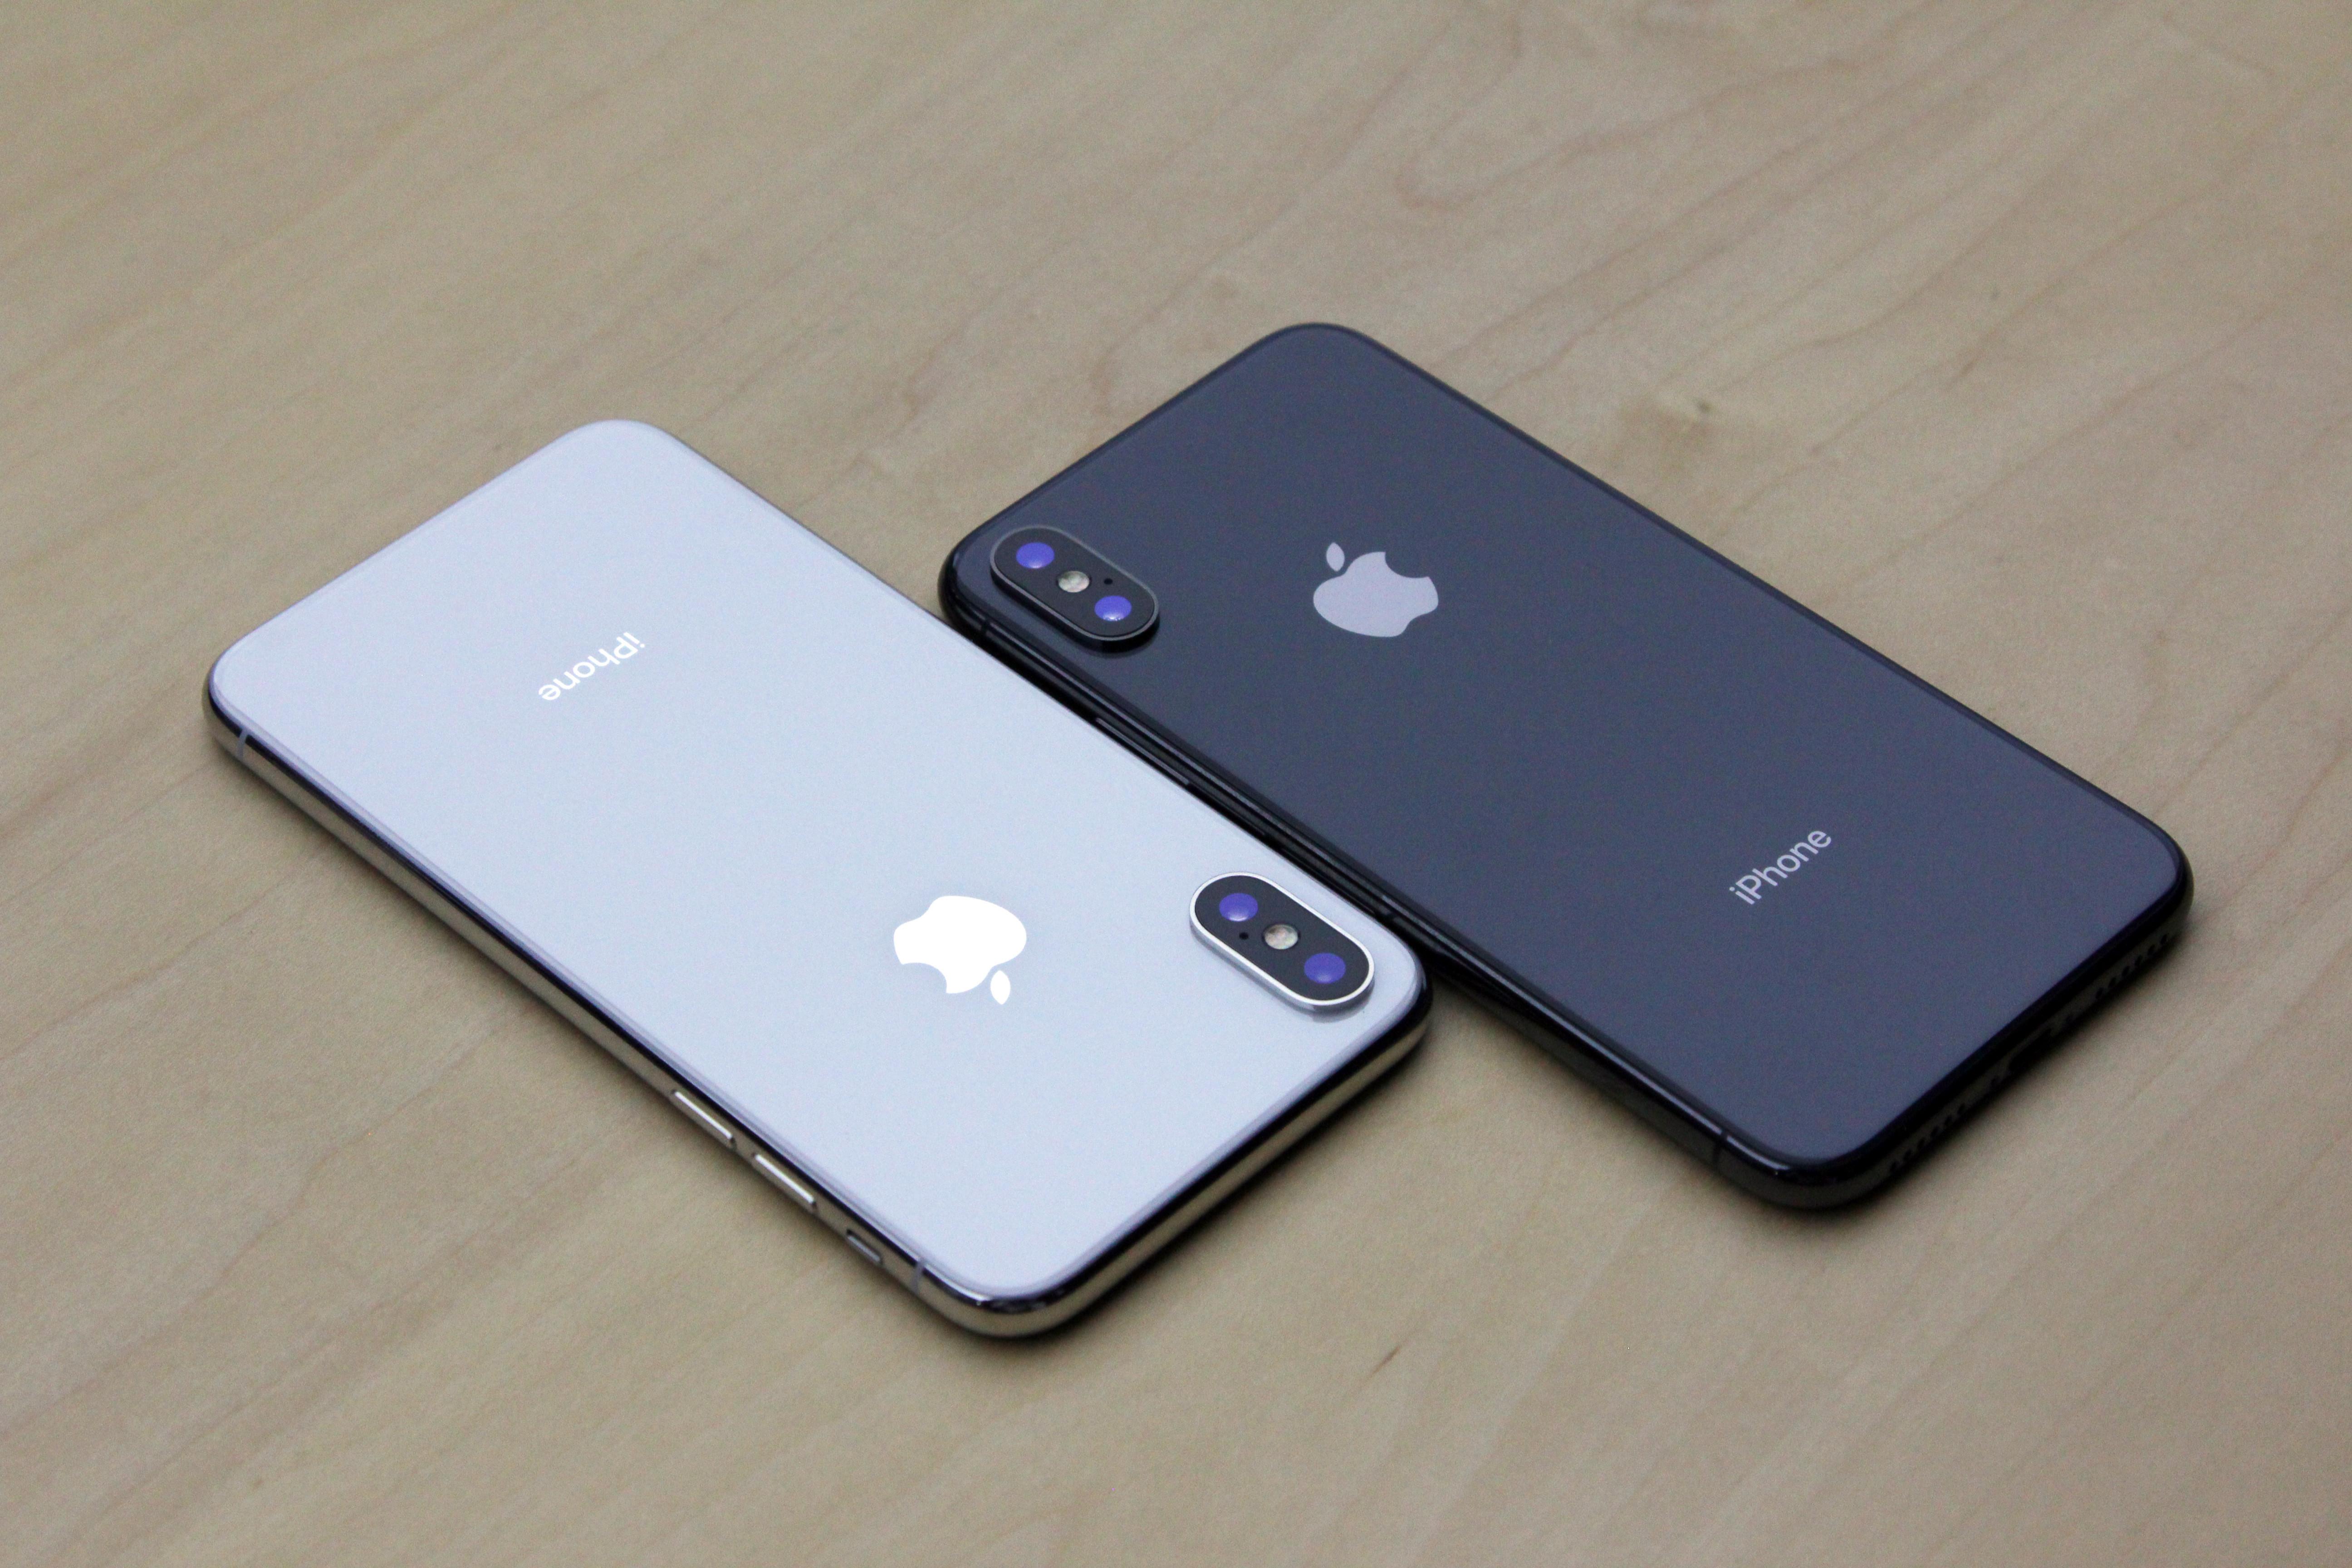 现在就可换iPhone电池 台湾苹果同步 890元优惠 2条件曝光